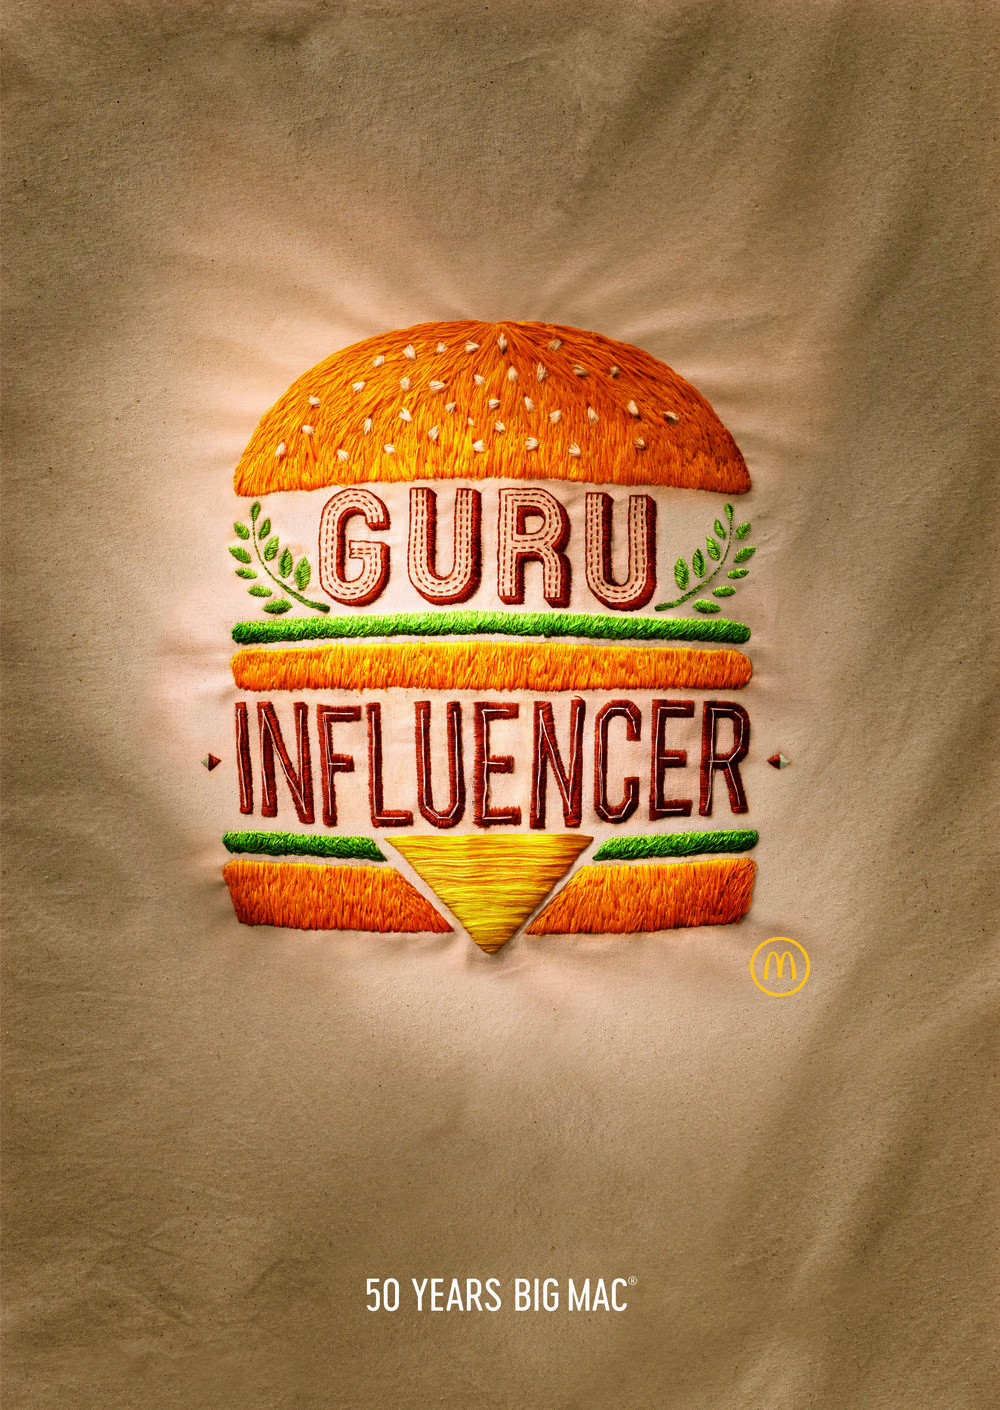 9_Guru:Influencer.jpg